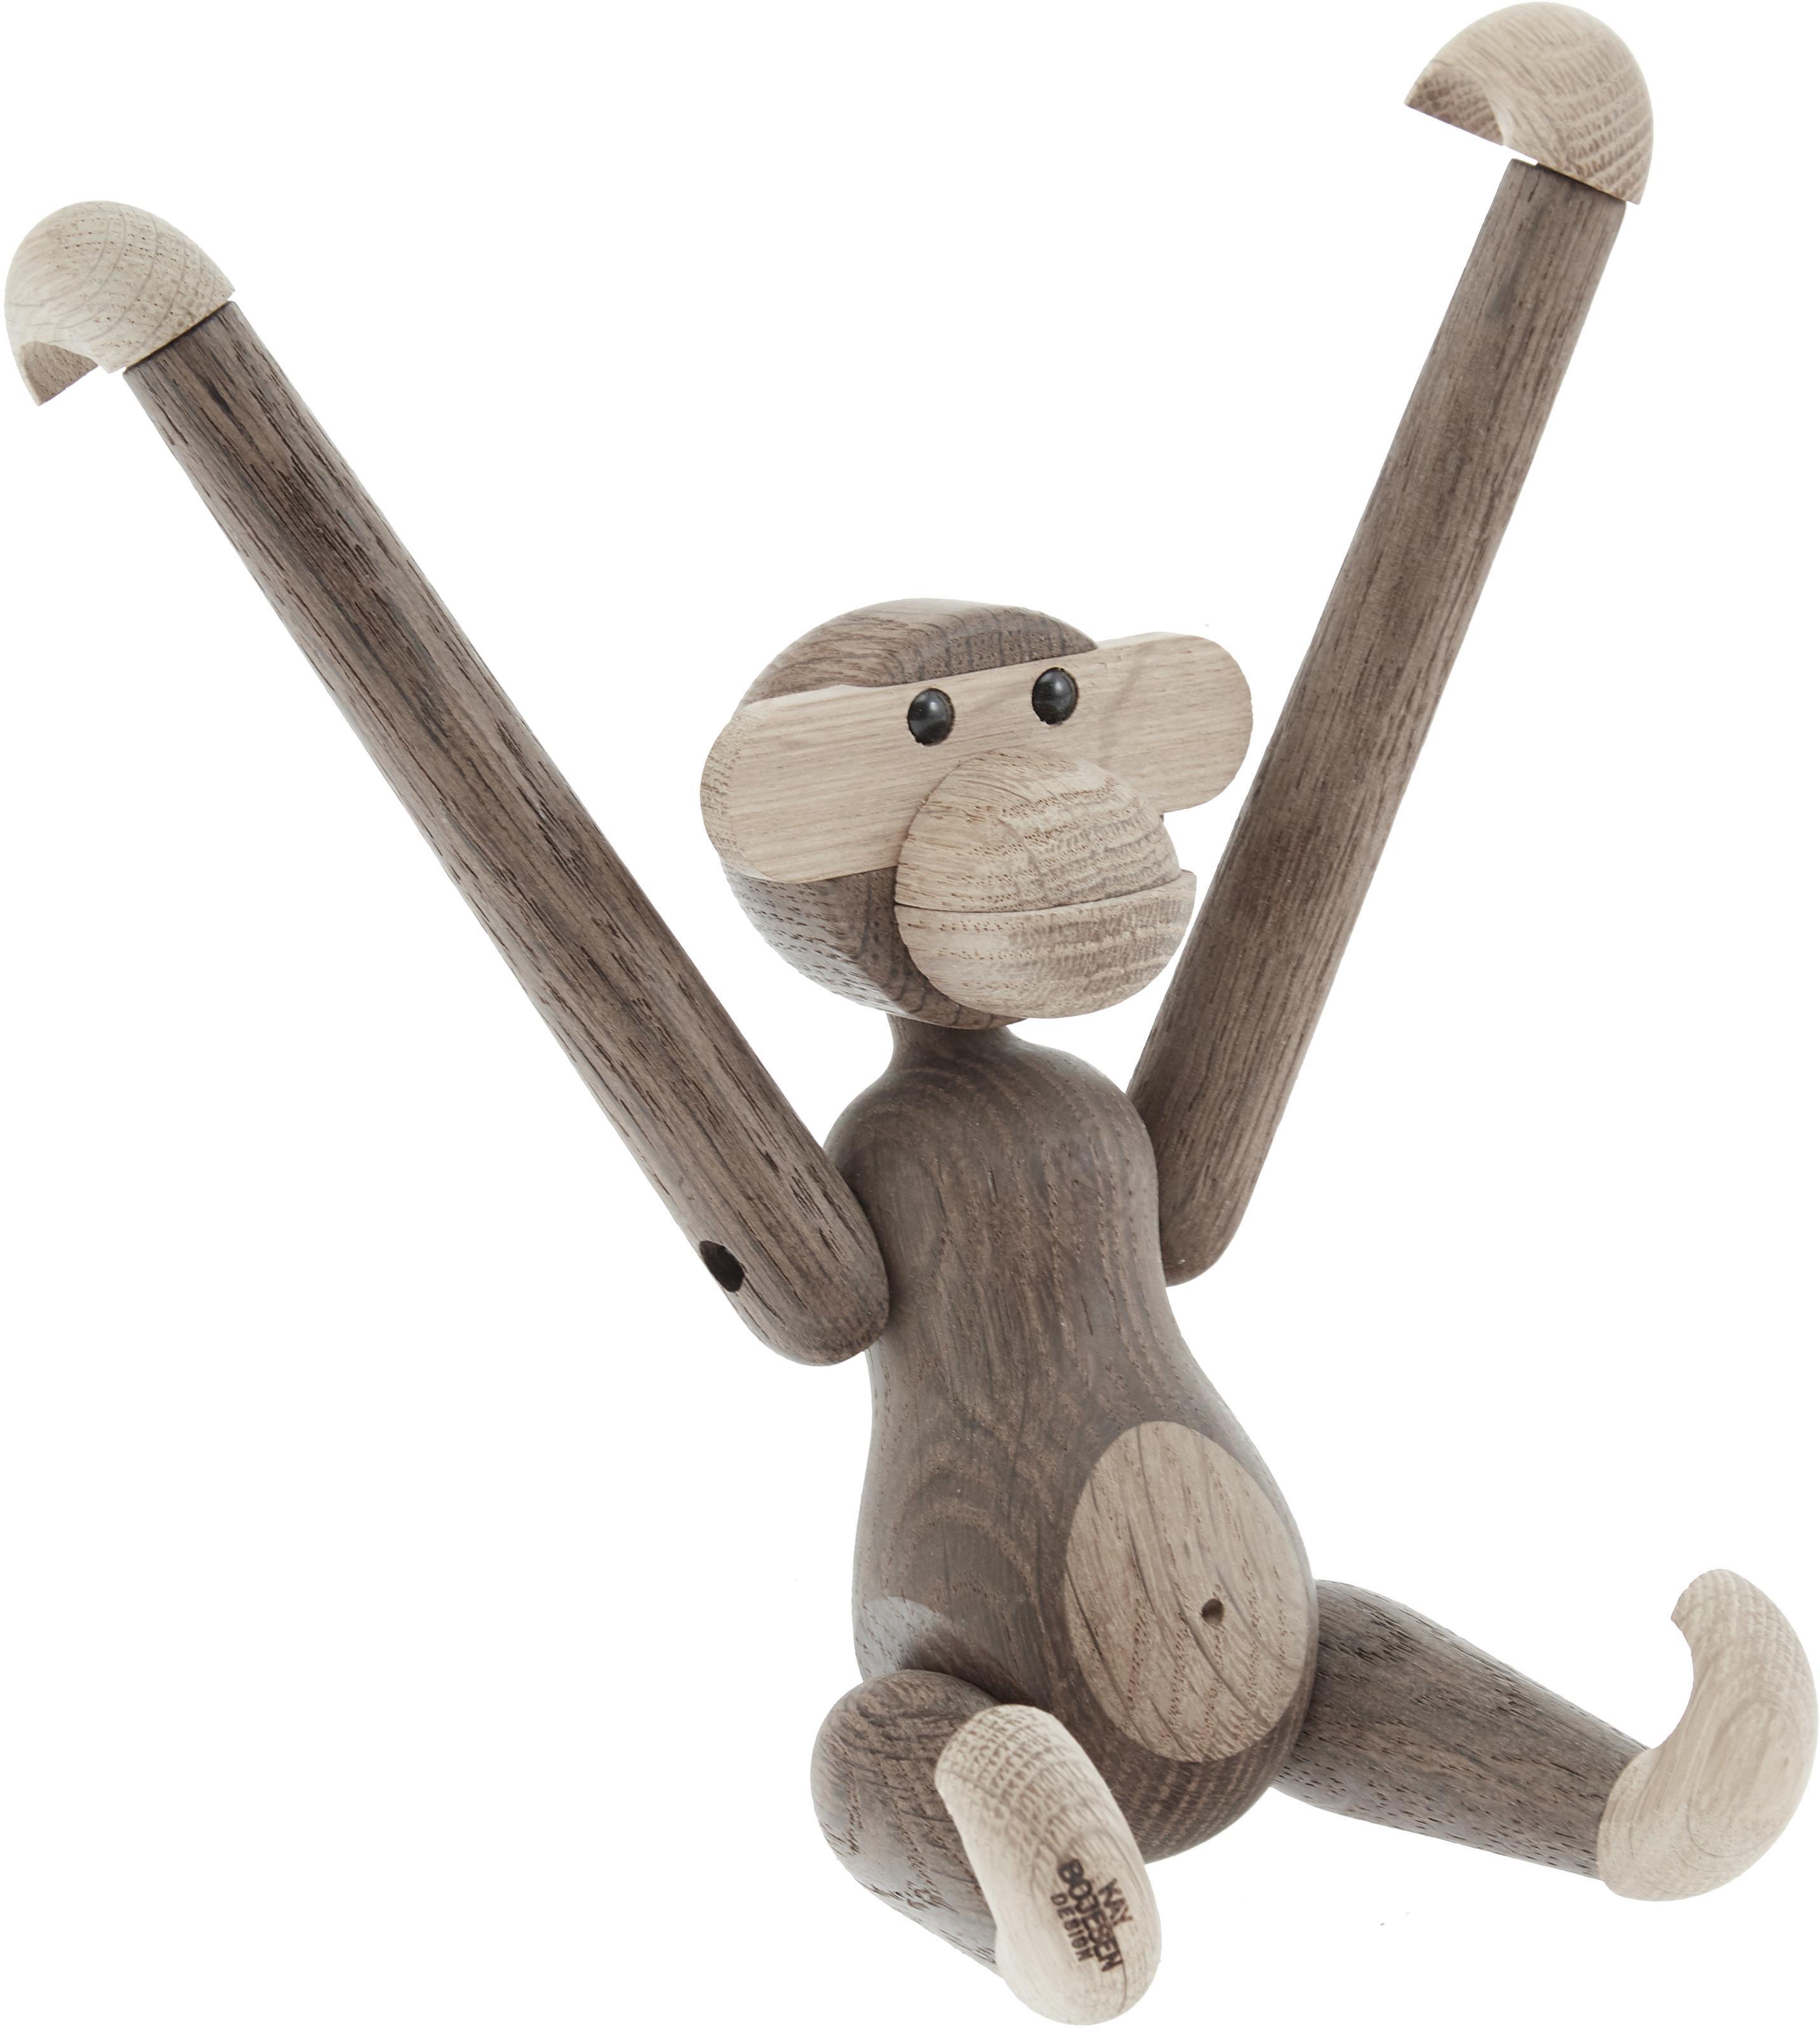 Designer-Deko-Objekt Monkey, Eichenholz, Eichenholz, lackiert, Eichenholz, 20 x 19 cm